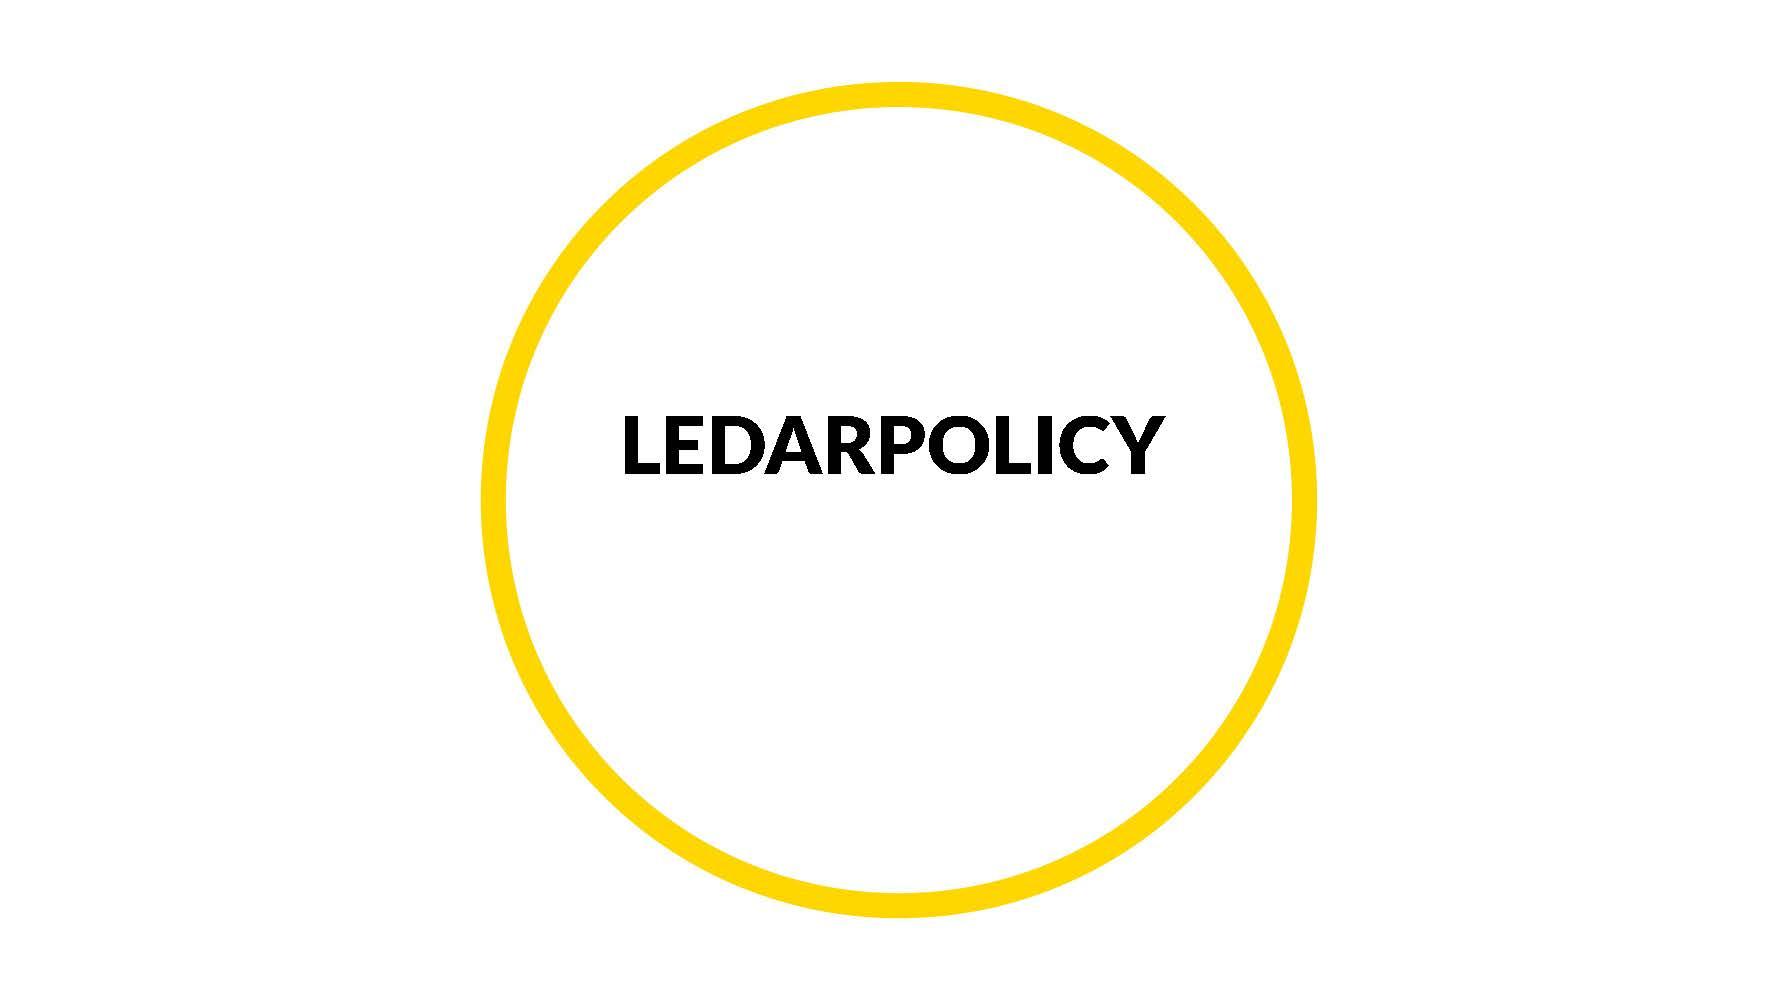 Ledarpolicy